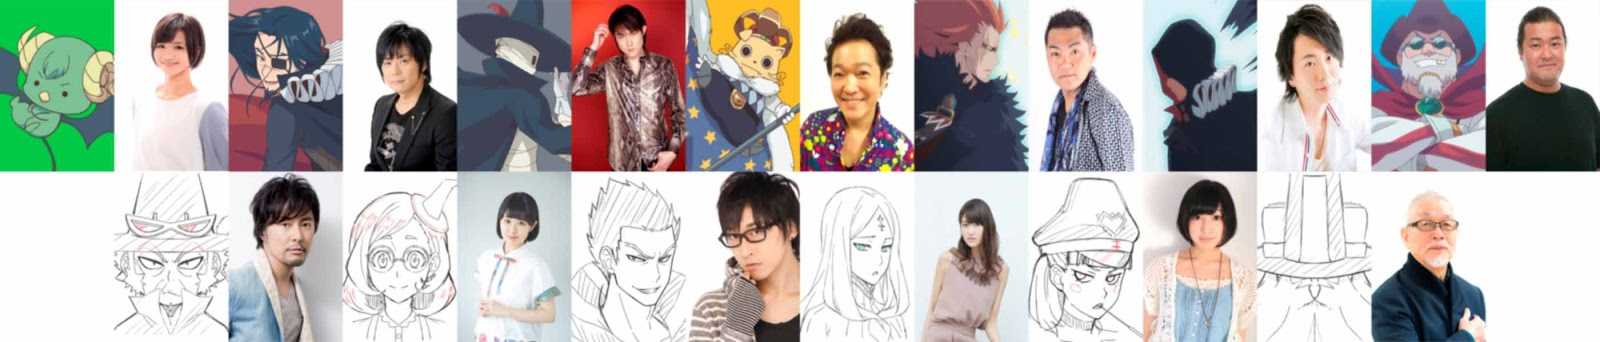 Radiant anime reparto